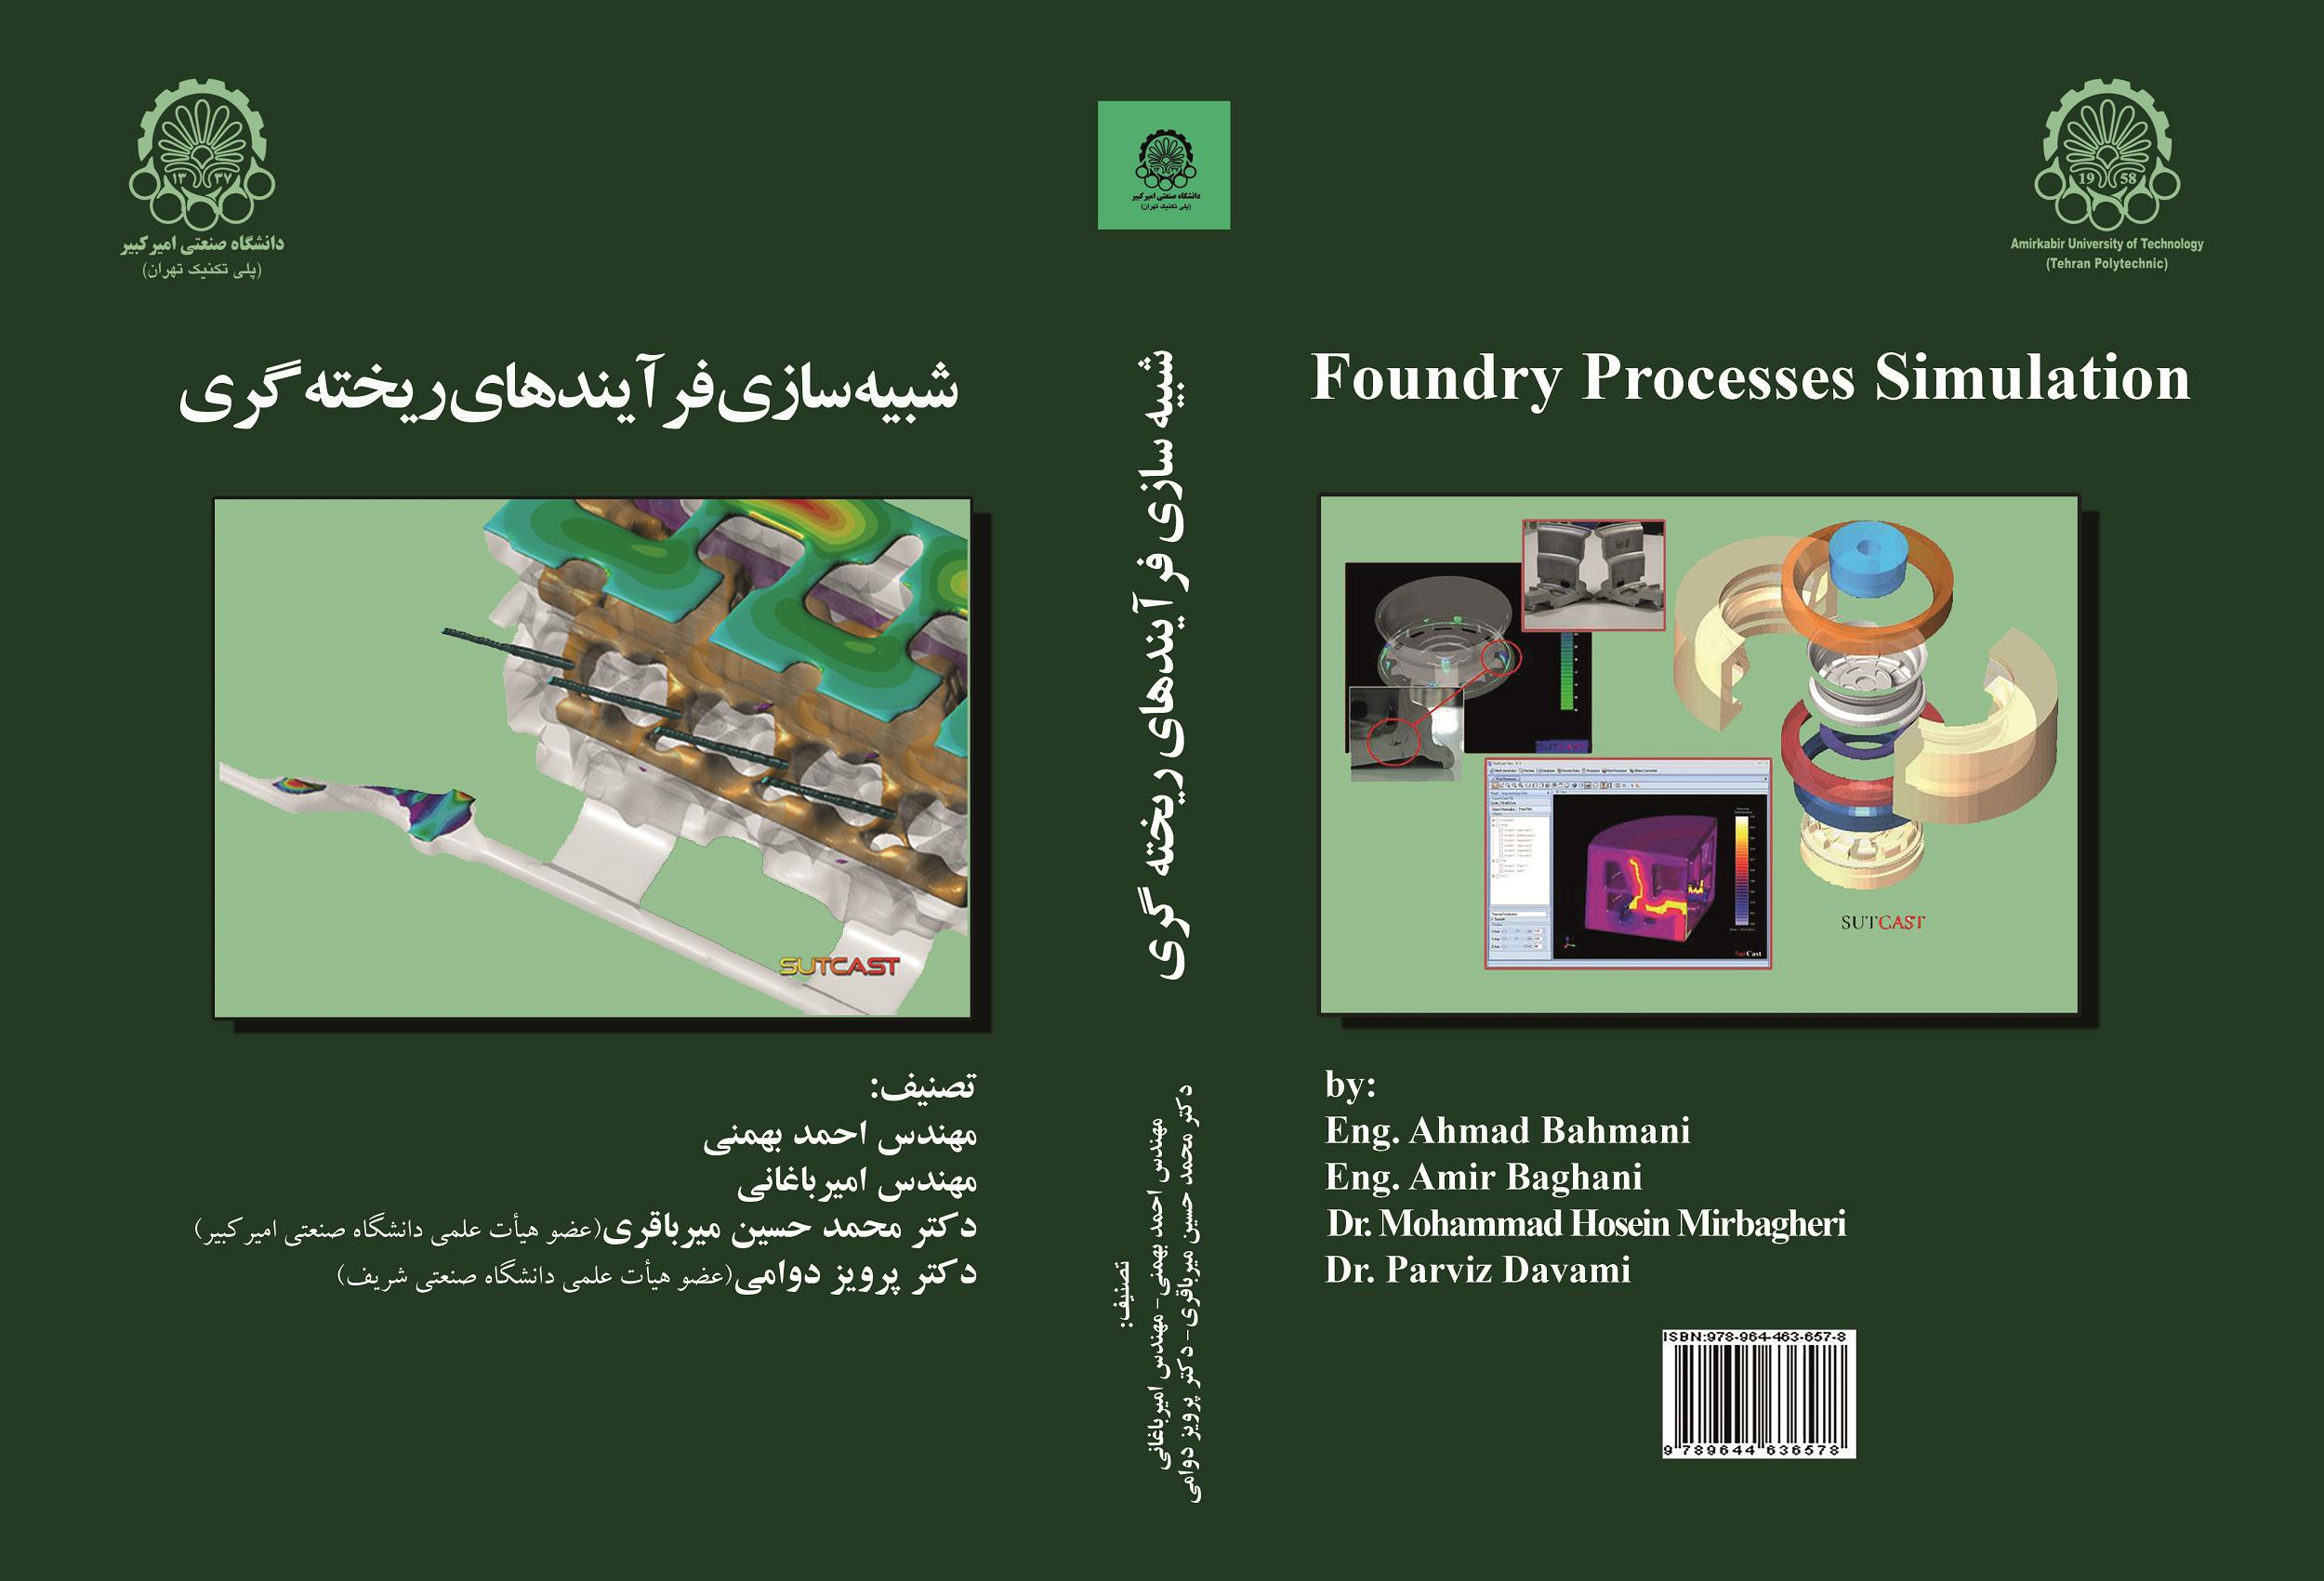 کتاب شبیه سازی فرآیندهای ریخته گری در سی و ششمین دوره کتاب سال جمهوری اسلامی اثر شایسته تقدیر شناخته  شد.